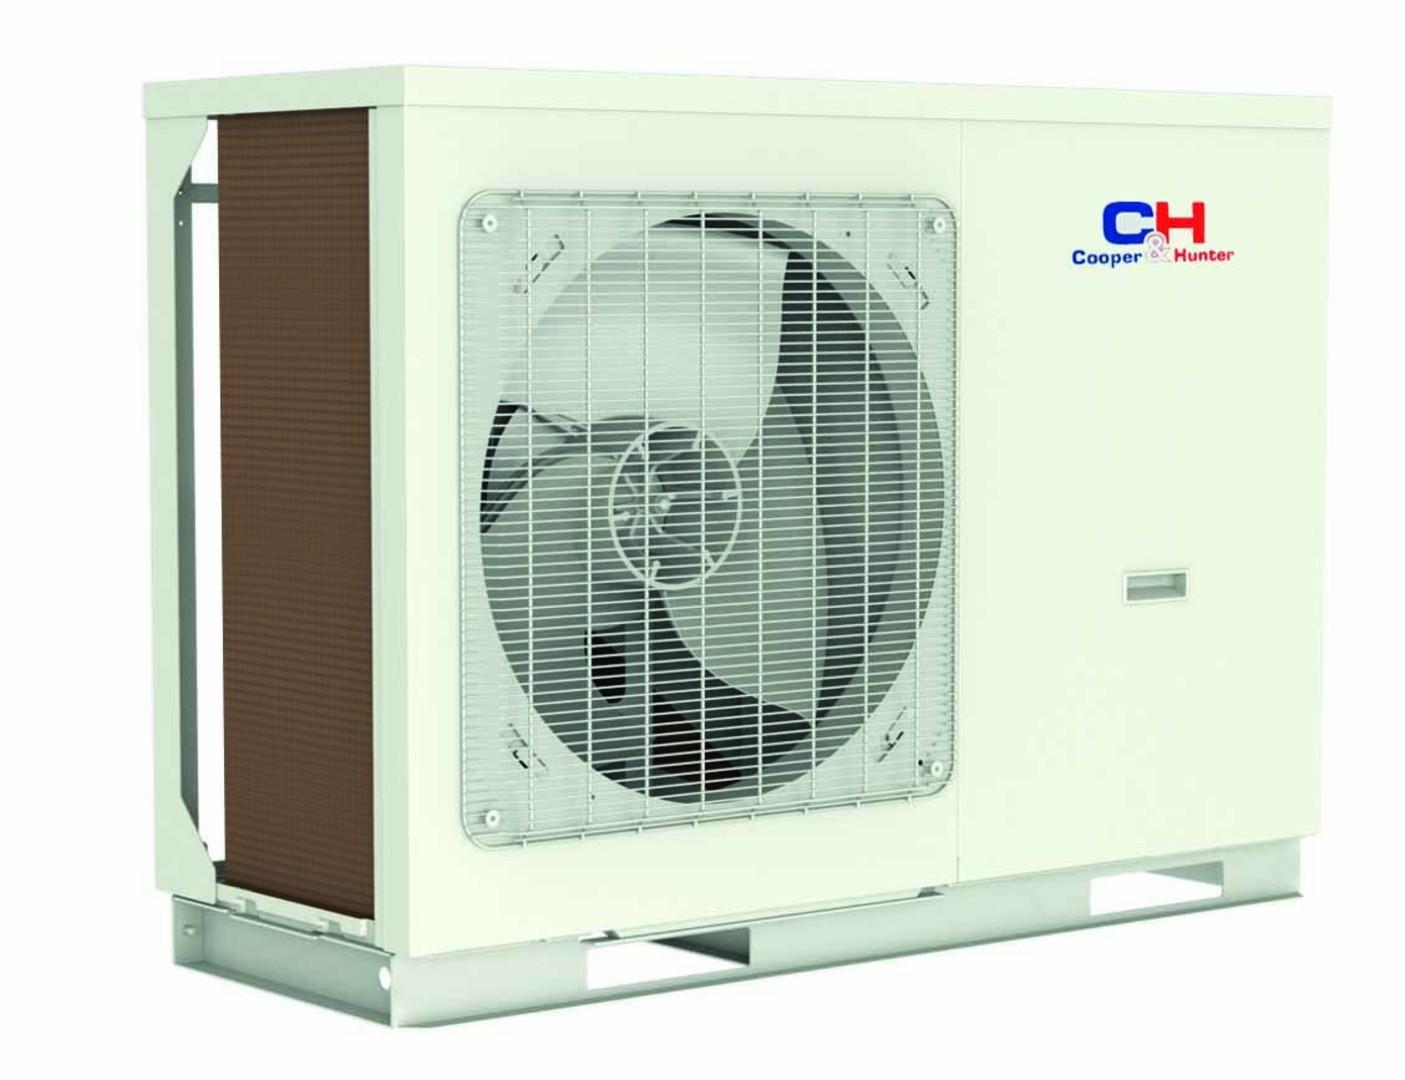 TUOTEUUTUUS: C&H ilma-/vesilämpöpumppu - tehokkuus ja ympäristöystävällisyys samassa paketissa